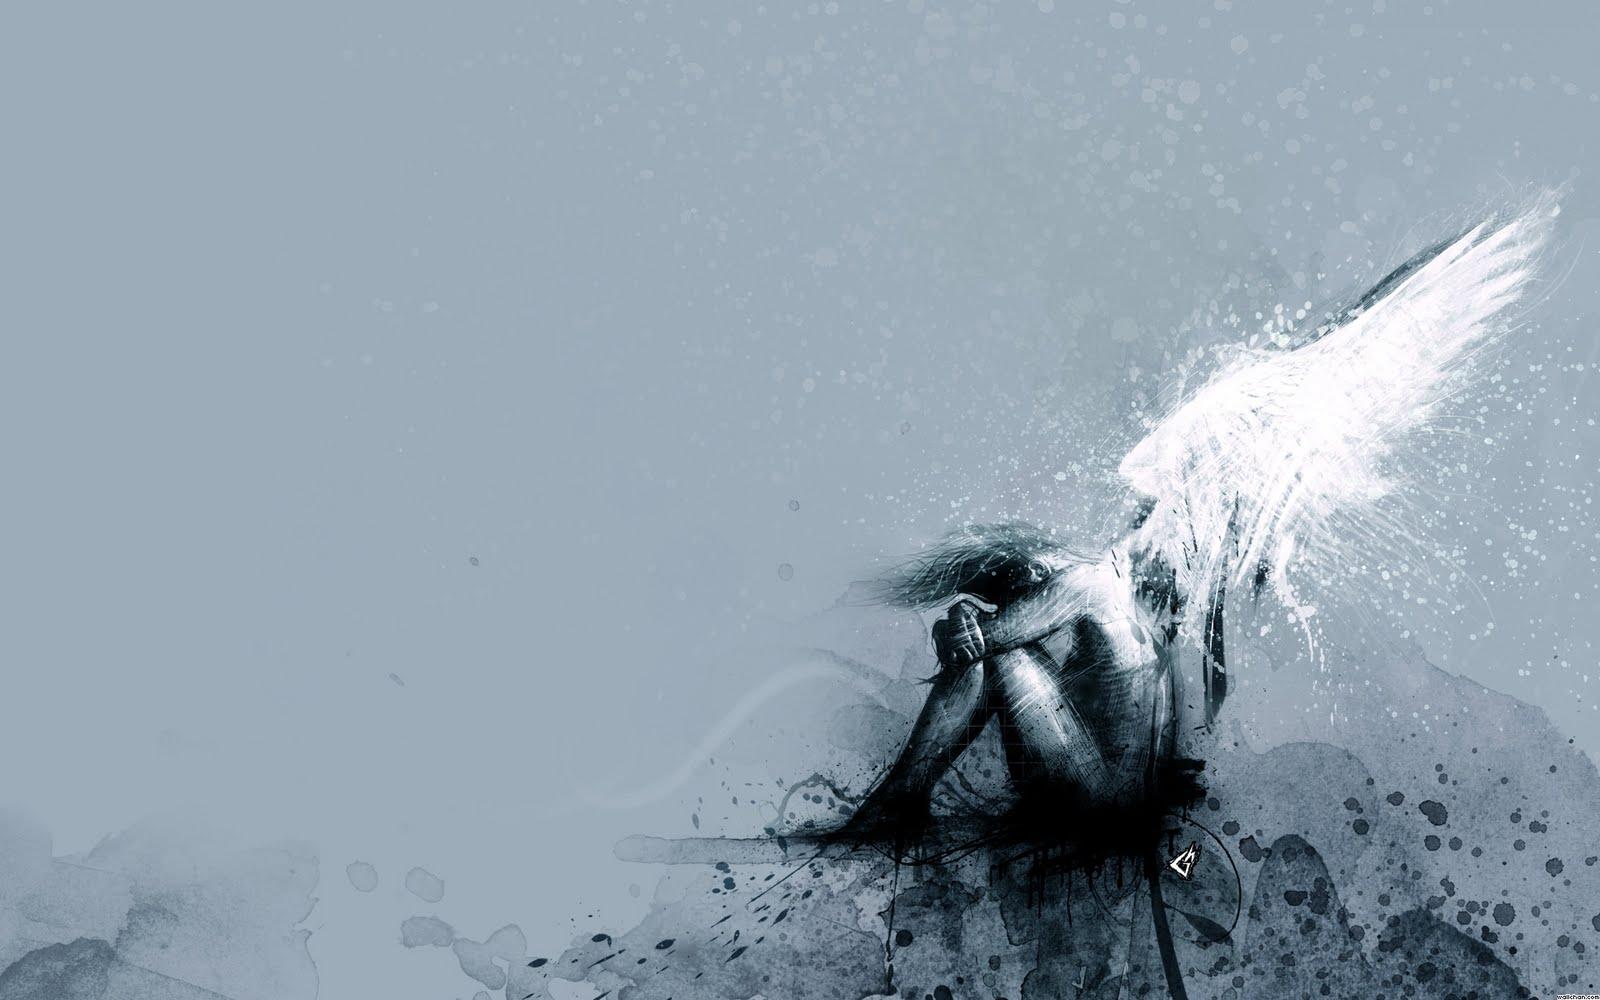 http://2.bp.blogspot.com/-2-RLK2DMNbk/Ty2J2K-U_CI/AAAAAAAADMI/8CdTjkExItM/s1600/wallpapers_fallen_angel.jpg